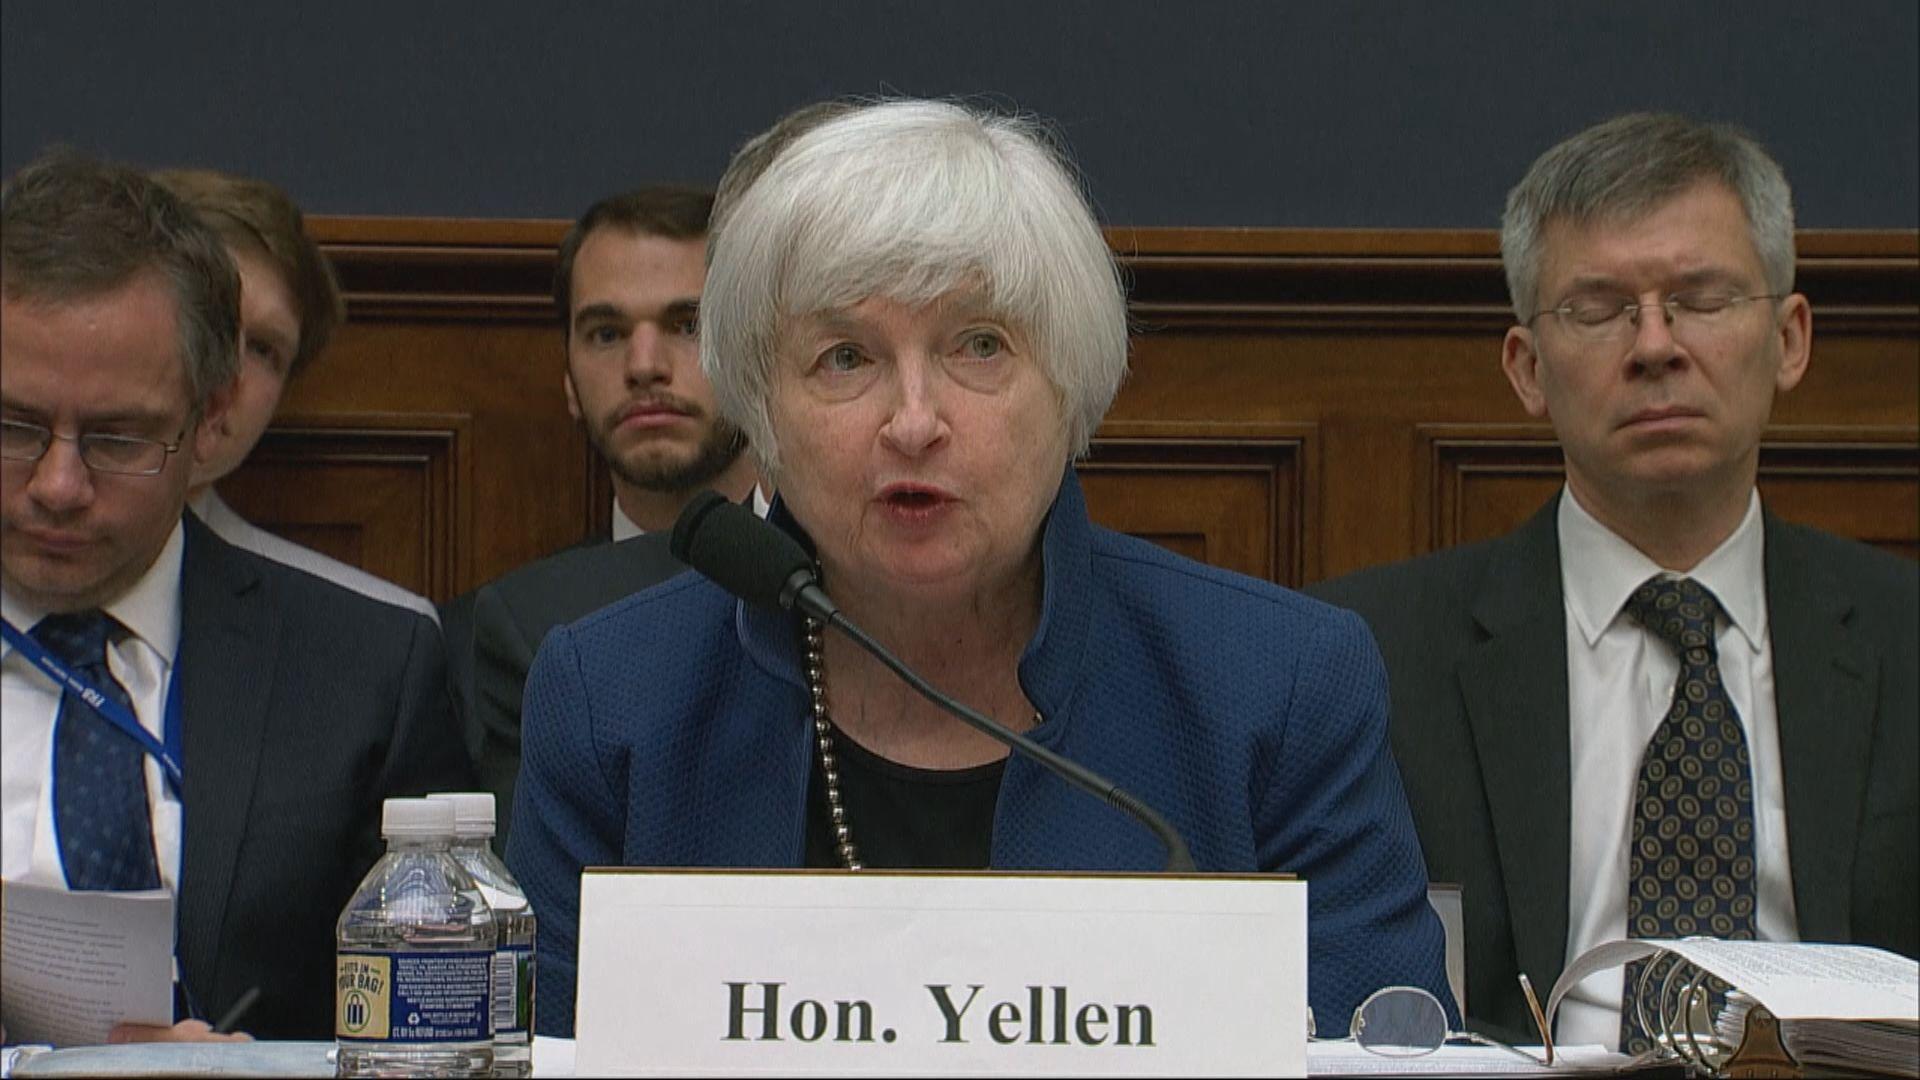 耶倫:比特幣是具有非常高投機性的資產